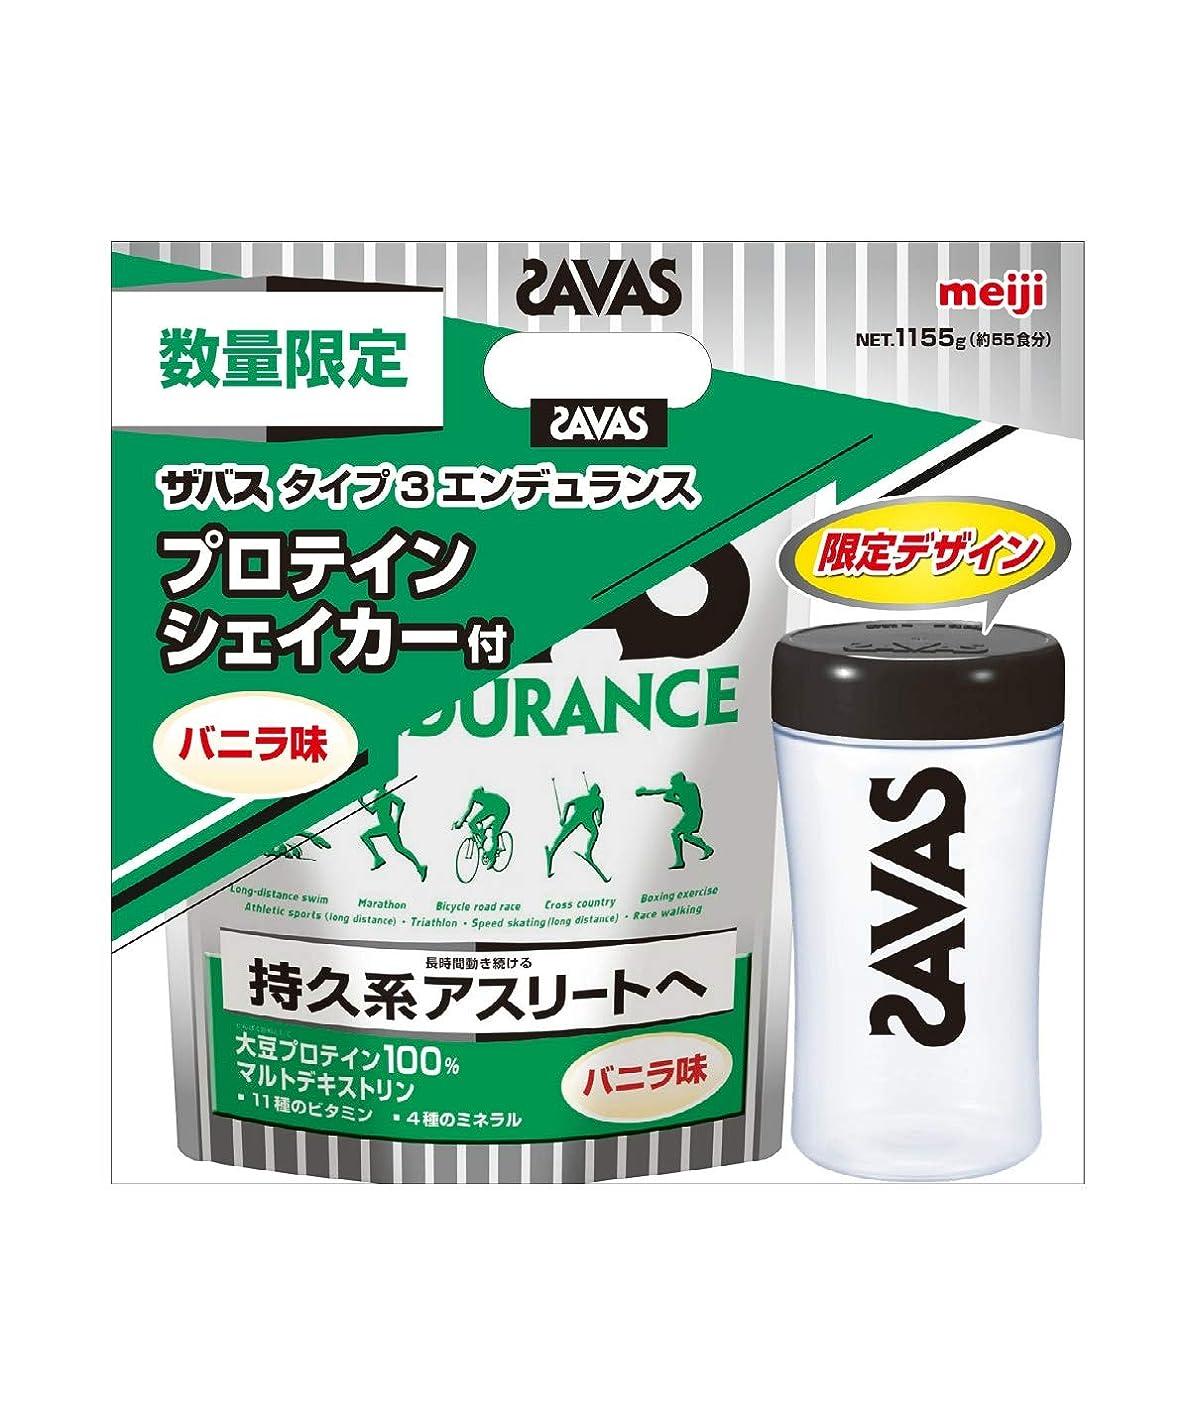 れんが違反森(ザバス) SAVAS SAVAS TYPE3 ENDURANCE 55 SHAKER F